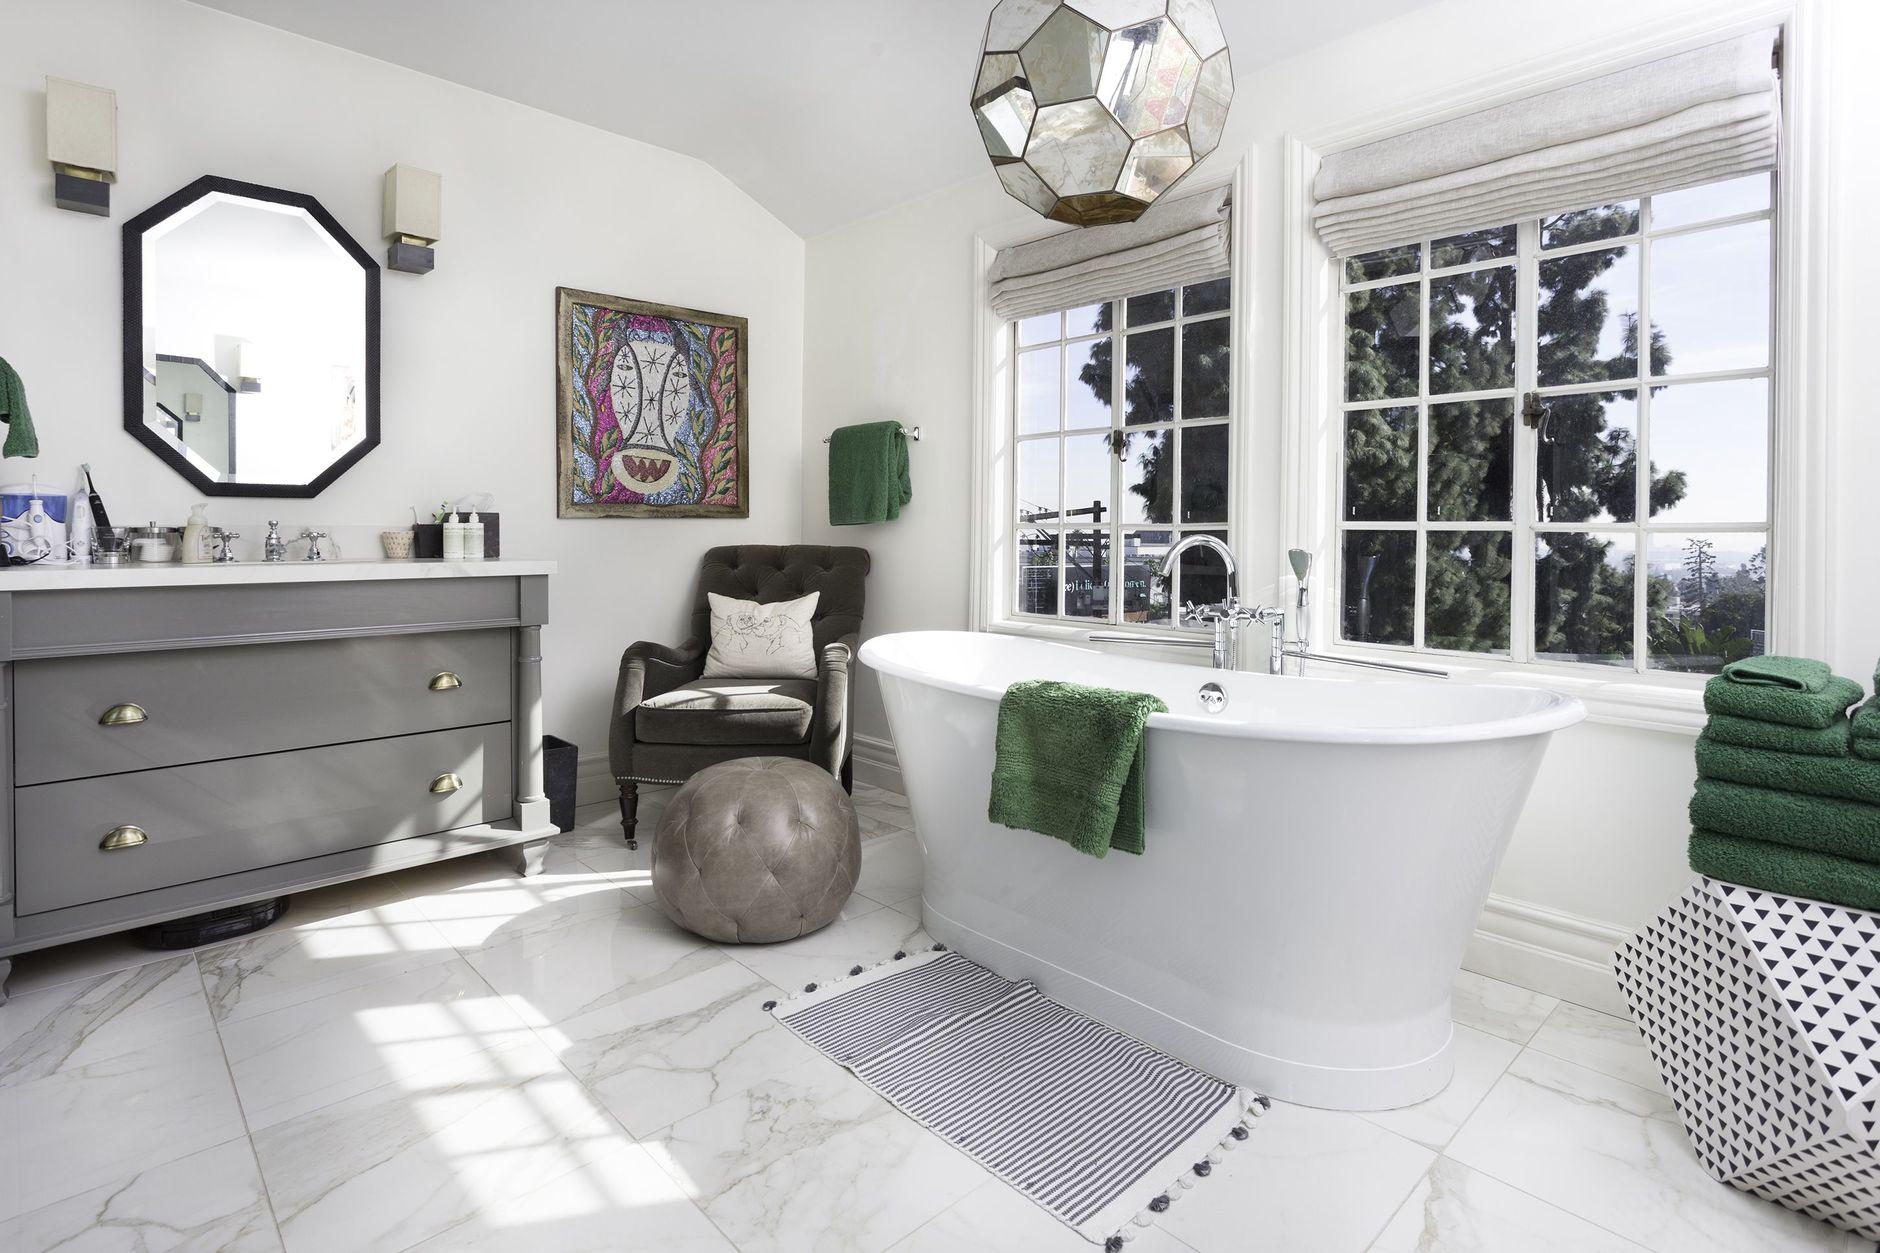 Реппер Ашер продает дом в Голливуде (галерея 4, фото 5)